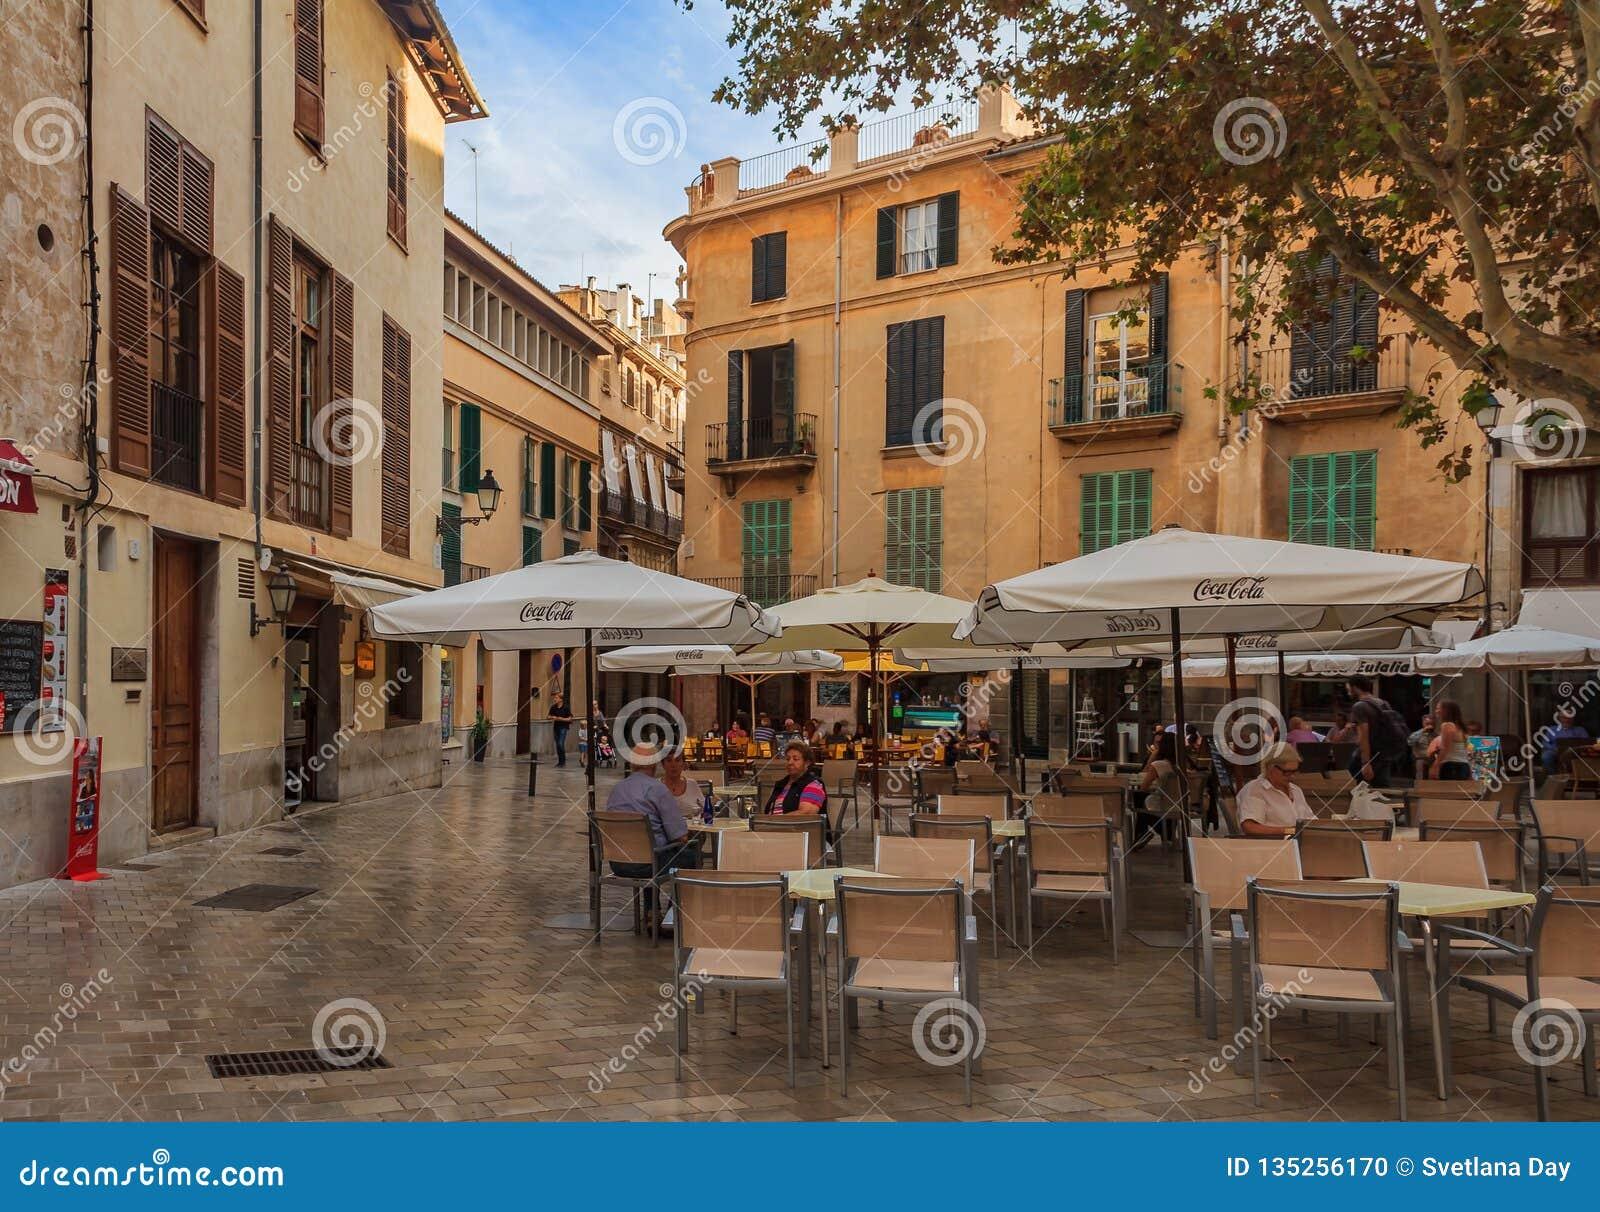 Kleines Quadrat mit einem Freilicht café und Altbauten im Hintergrund in der alten Stadt in Palma de Mallorca, Spanien